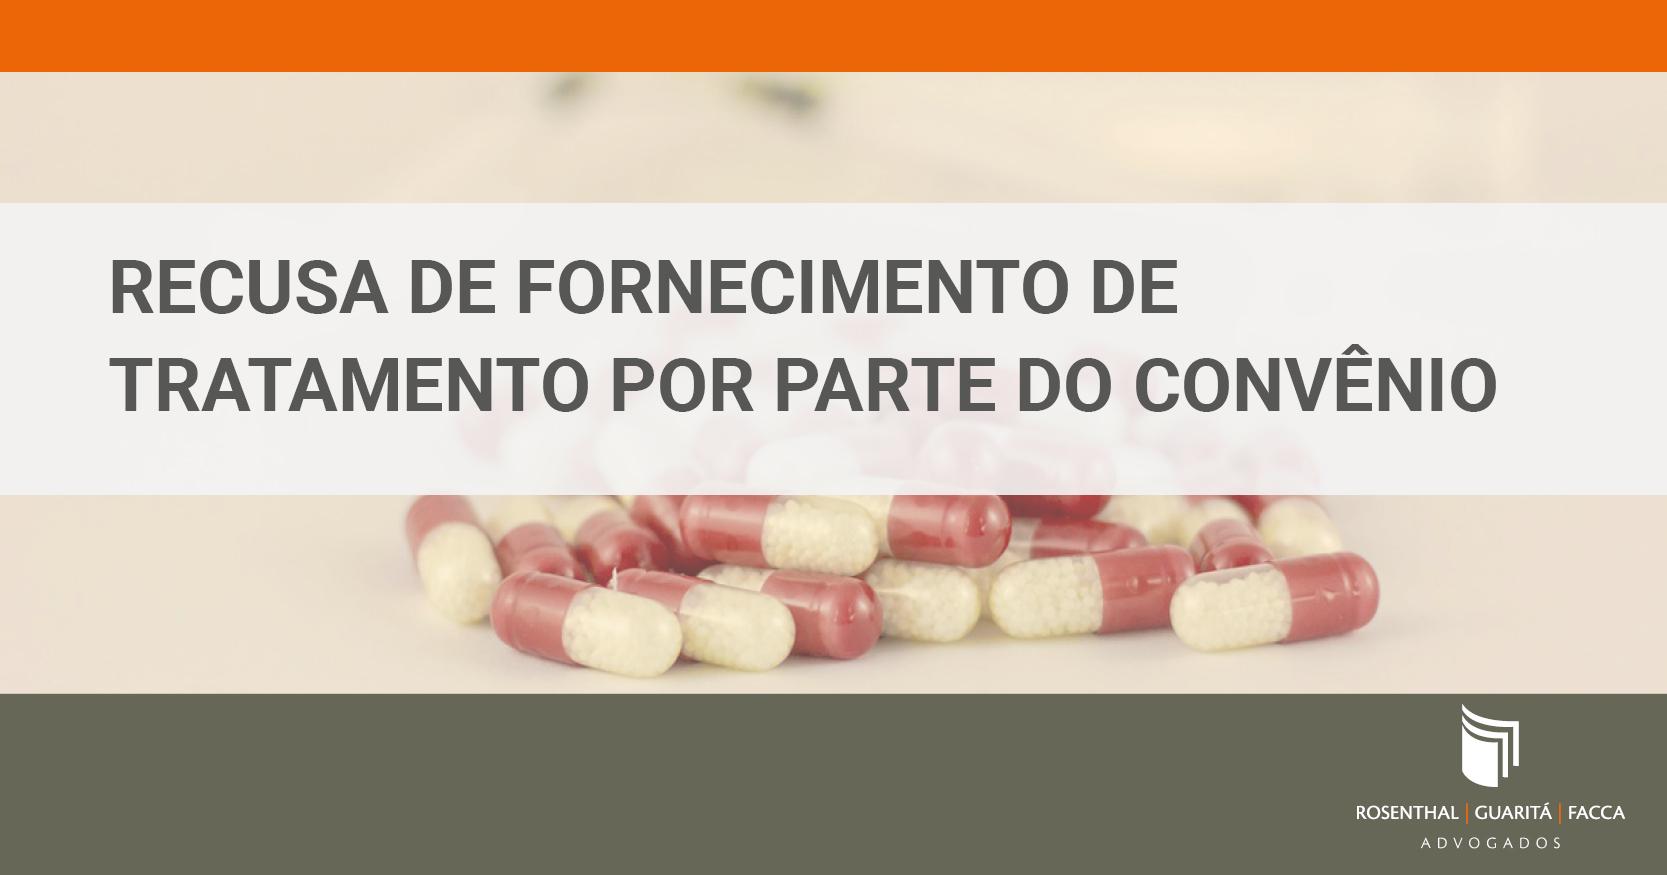 RECUSA DE FORNECIMENTO DE TRATAMENTO POR PARTE DO CONVÊNIO